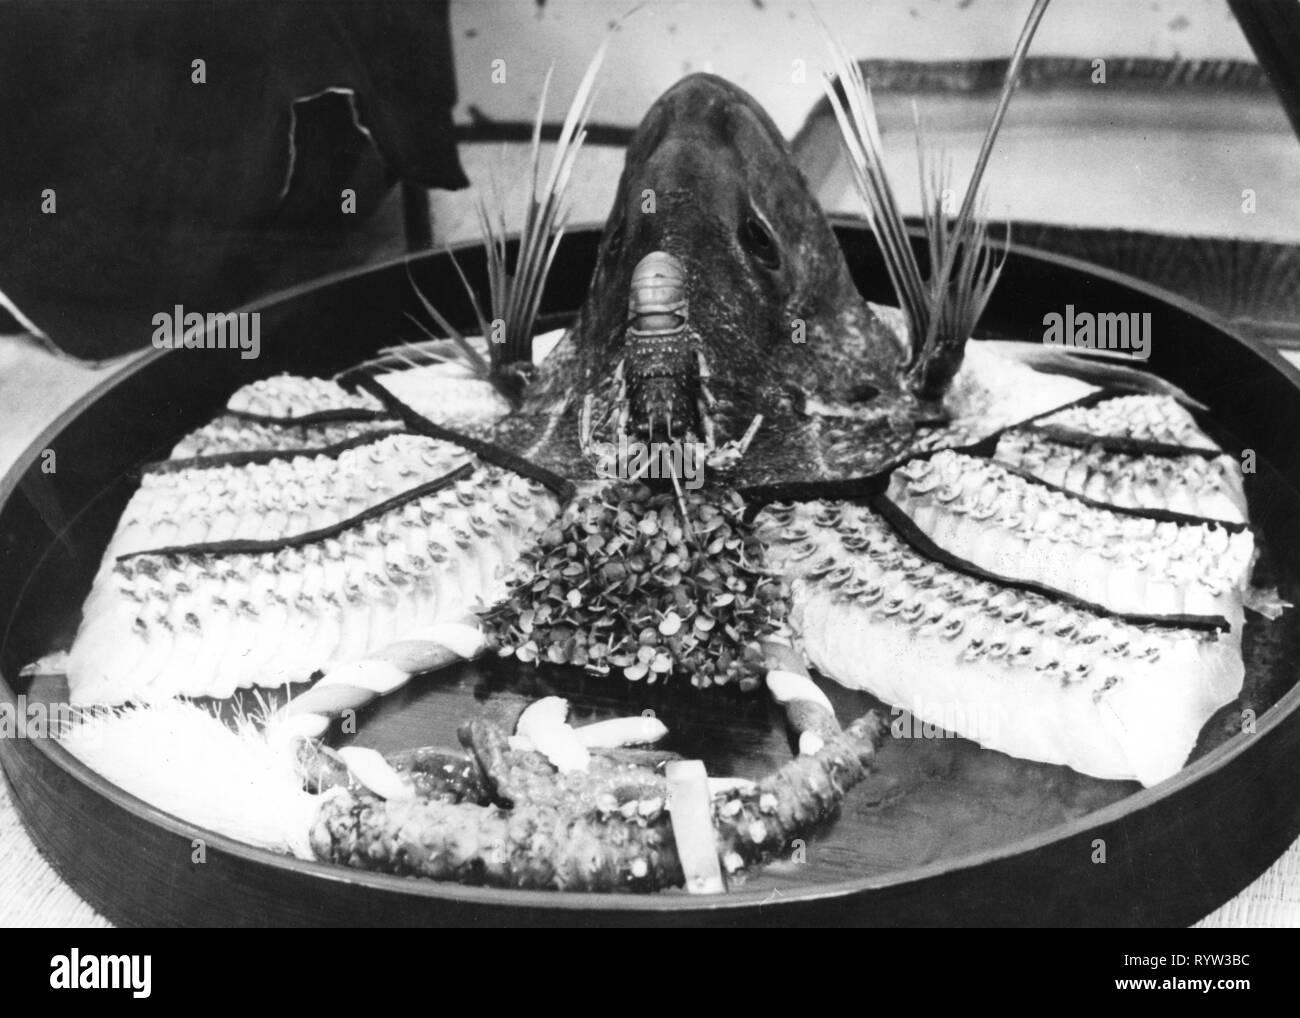 Geographie/Reisen, Japan, Gastronomie, Fisch Platte mit Meeresfrüchten und Hummer, 1960er Jahre, Additional-Rights - Clearance-Info - Not-Available Stockbild